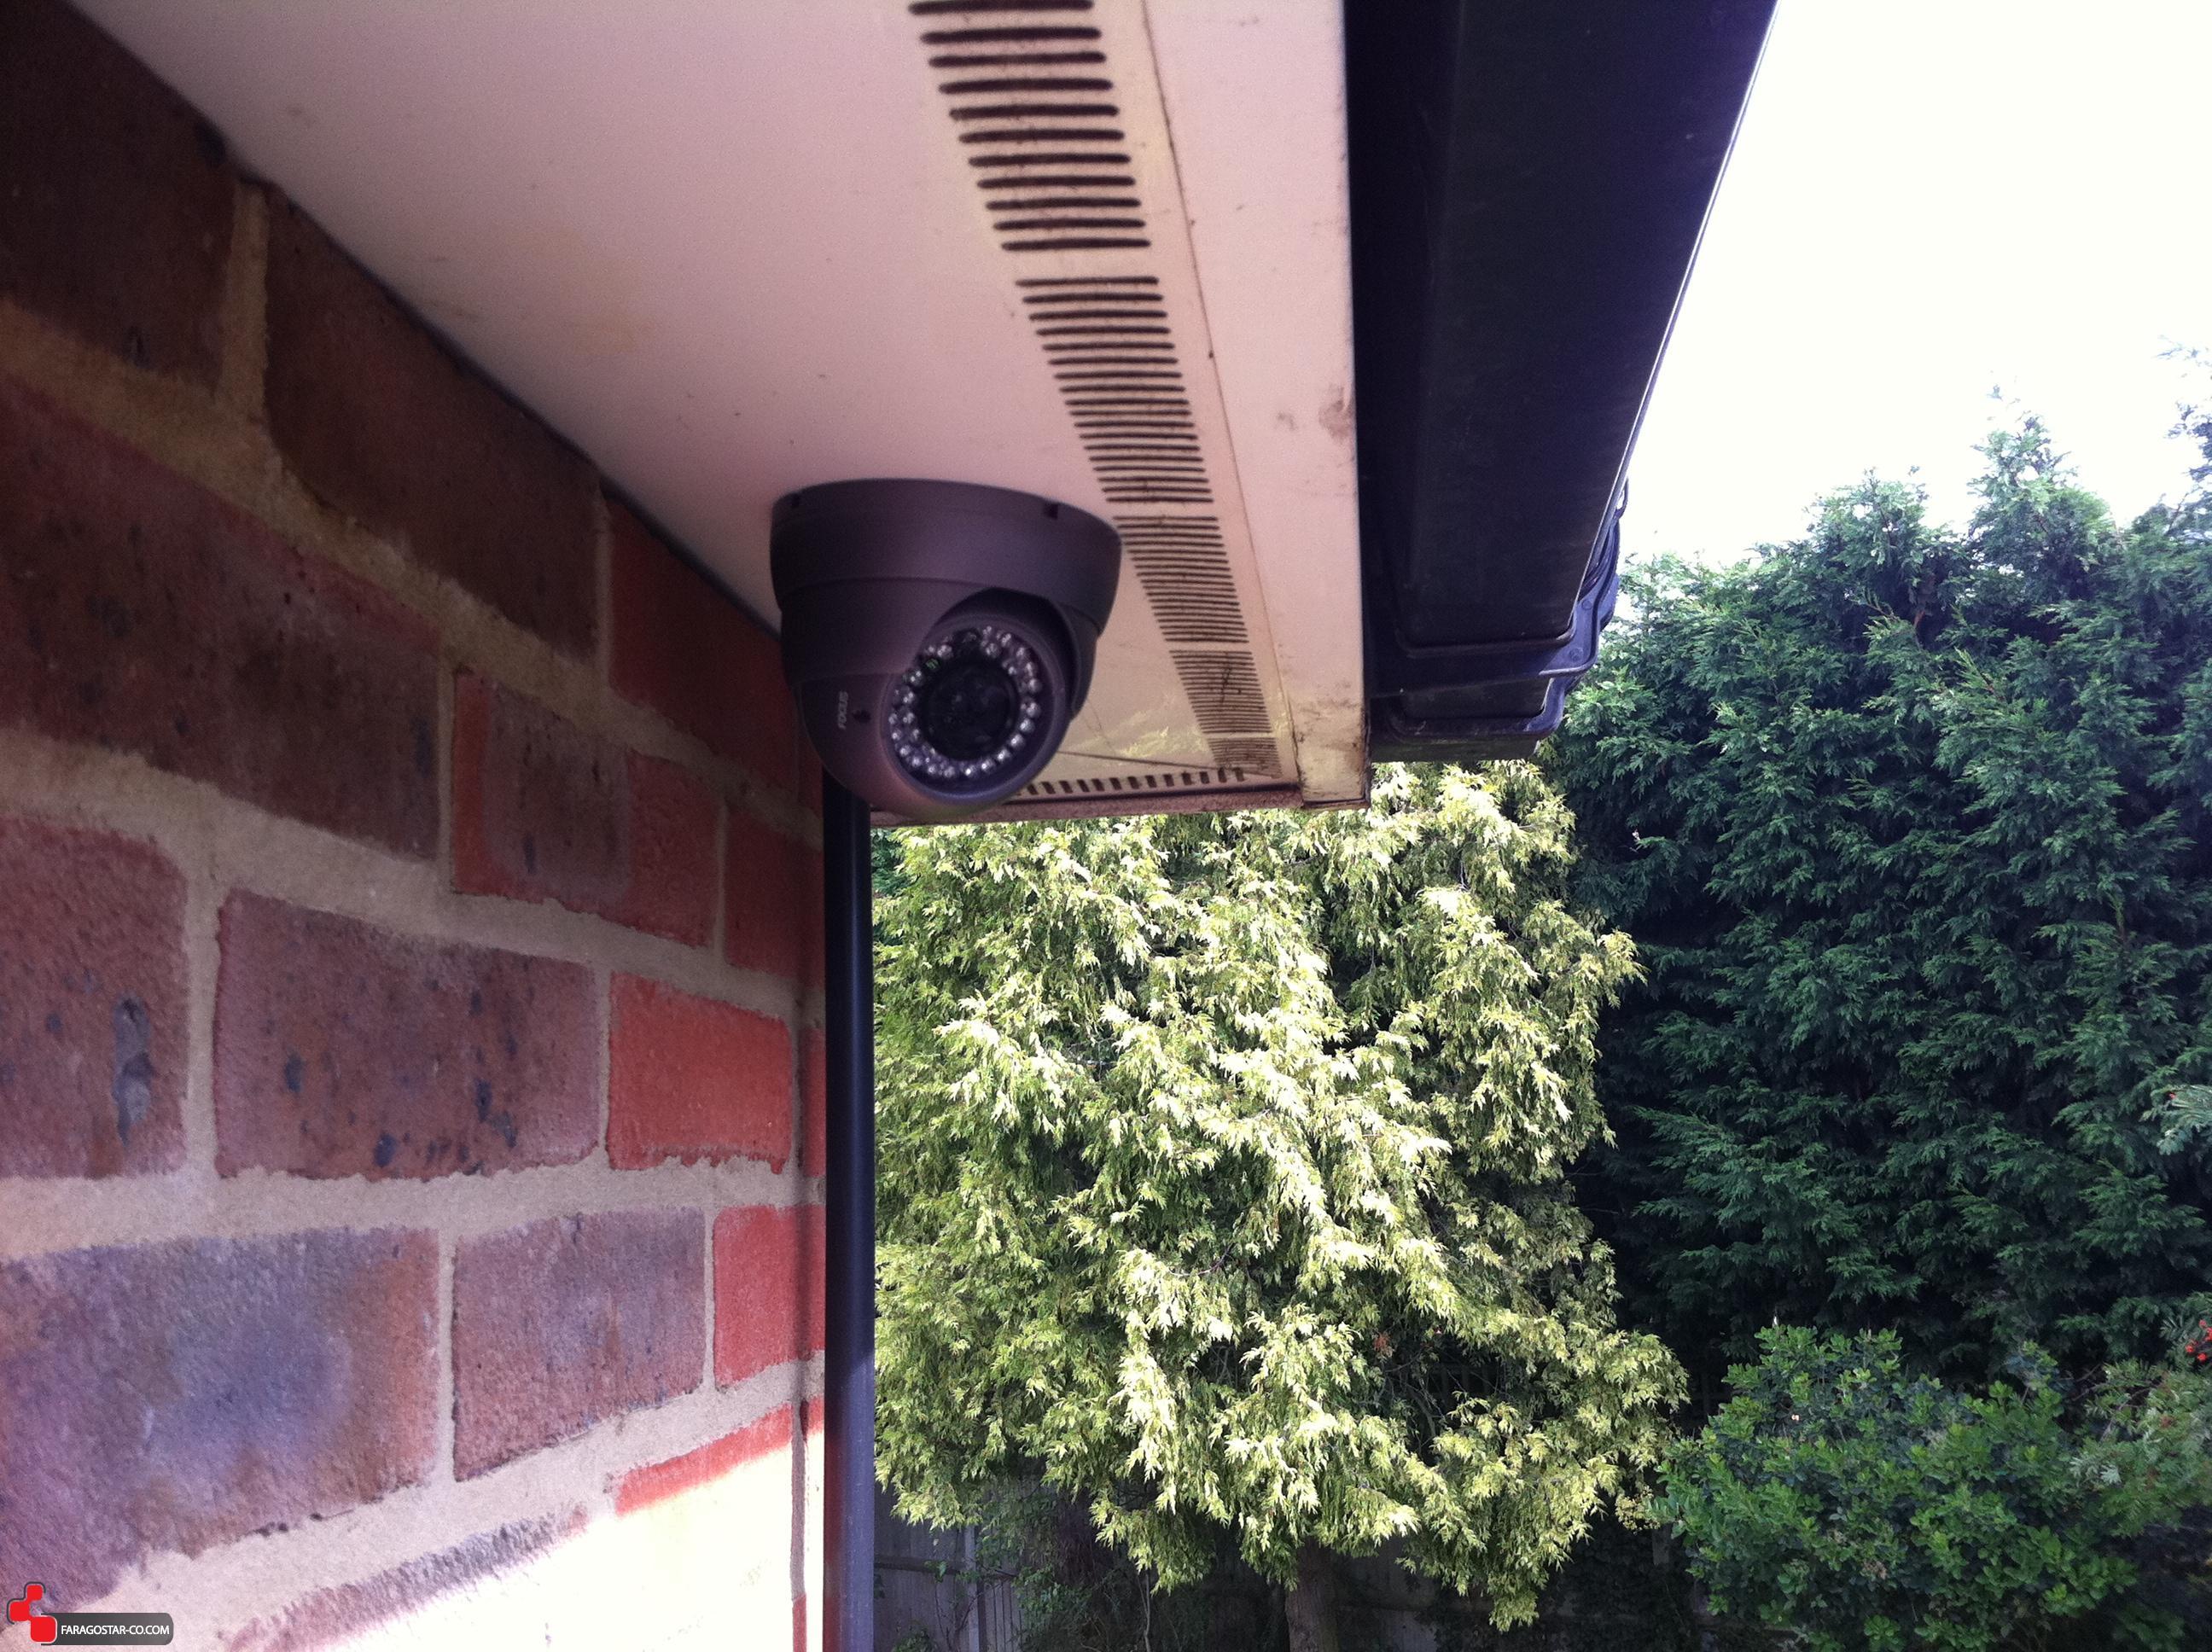 فراگستر الکترونیک | 6مکان مناسب برای نصب دوربین مداربسته خانگی